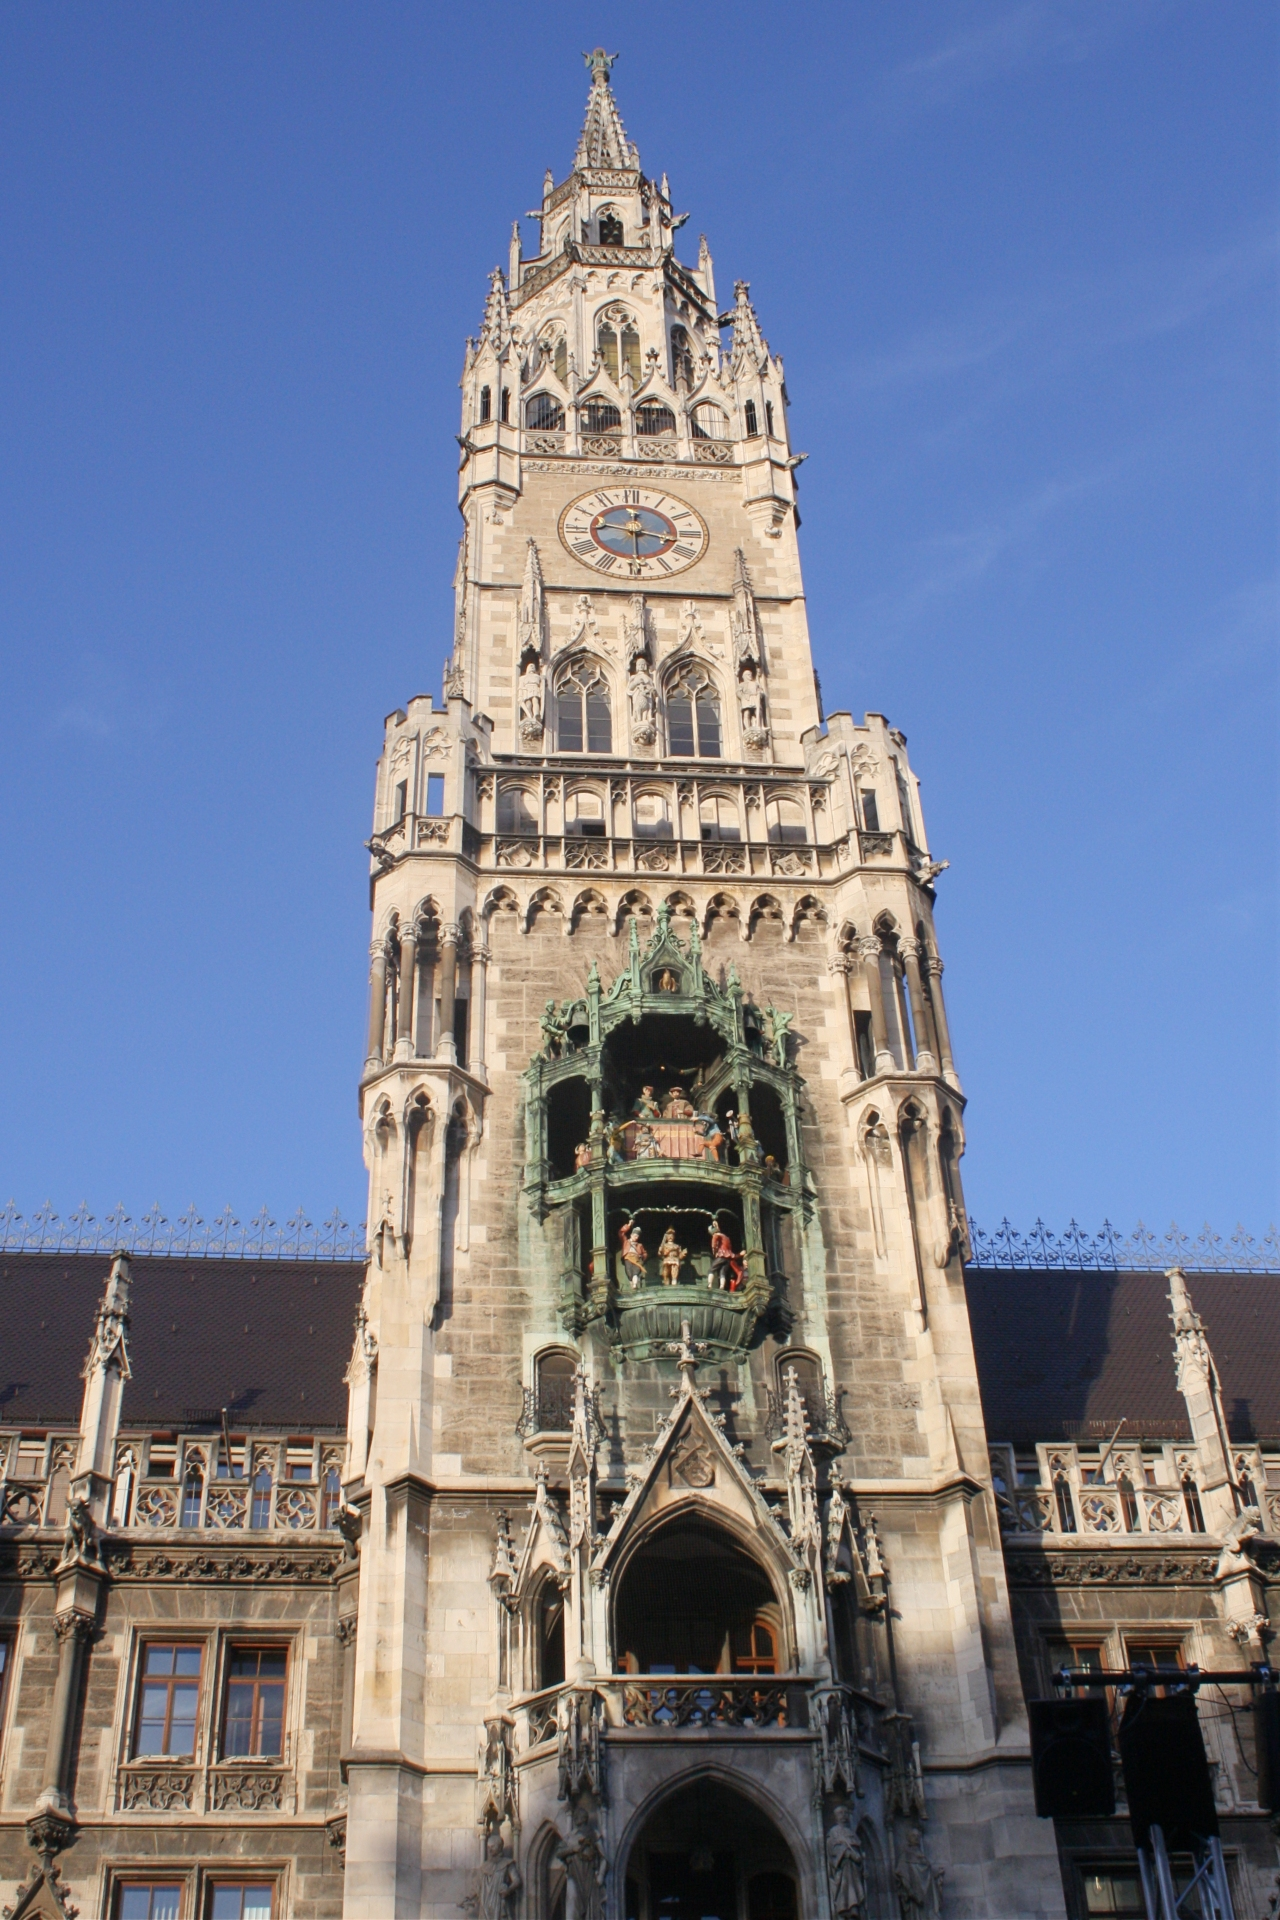 O relógio do prédio da Prefeitura é uma das atrações de Munique, na Alemanha. Foto: Carolina Werneck/Gazeta do Povo